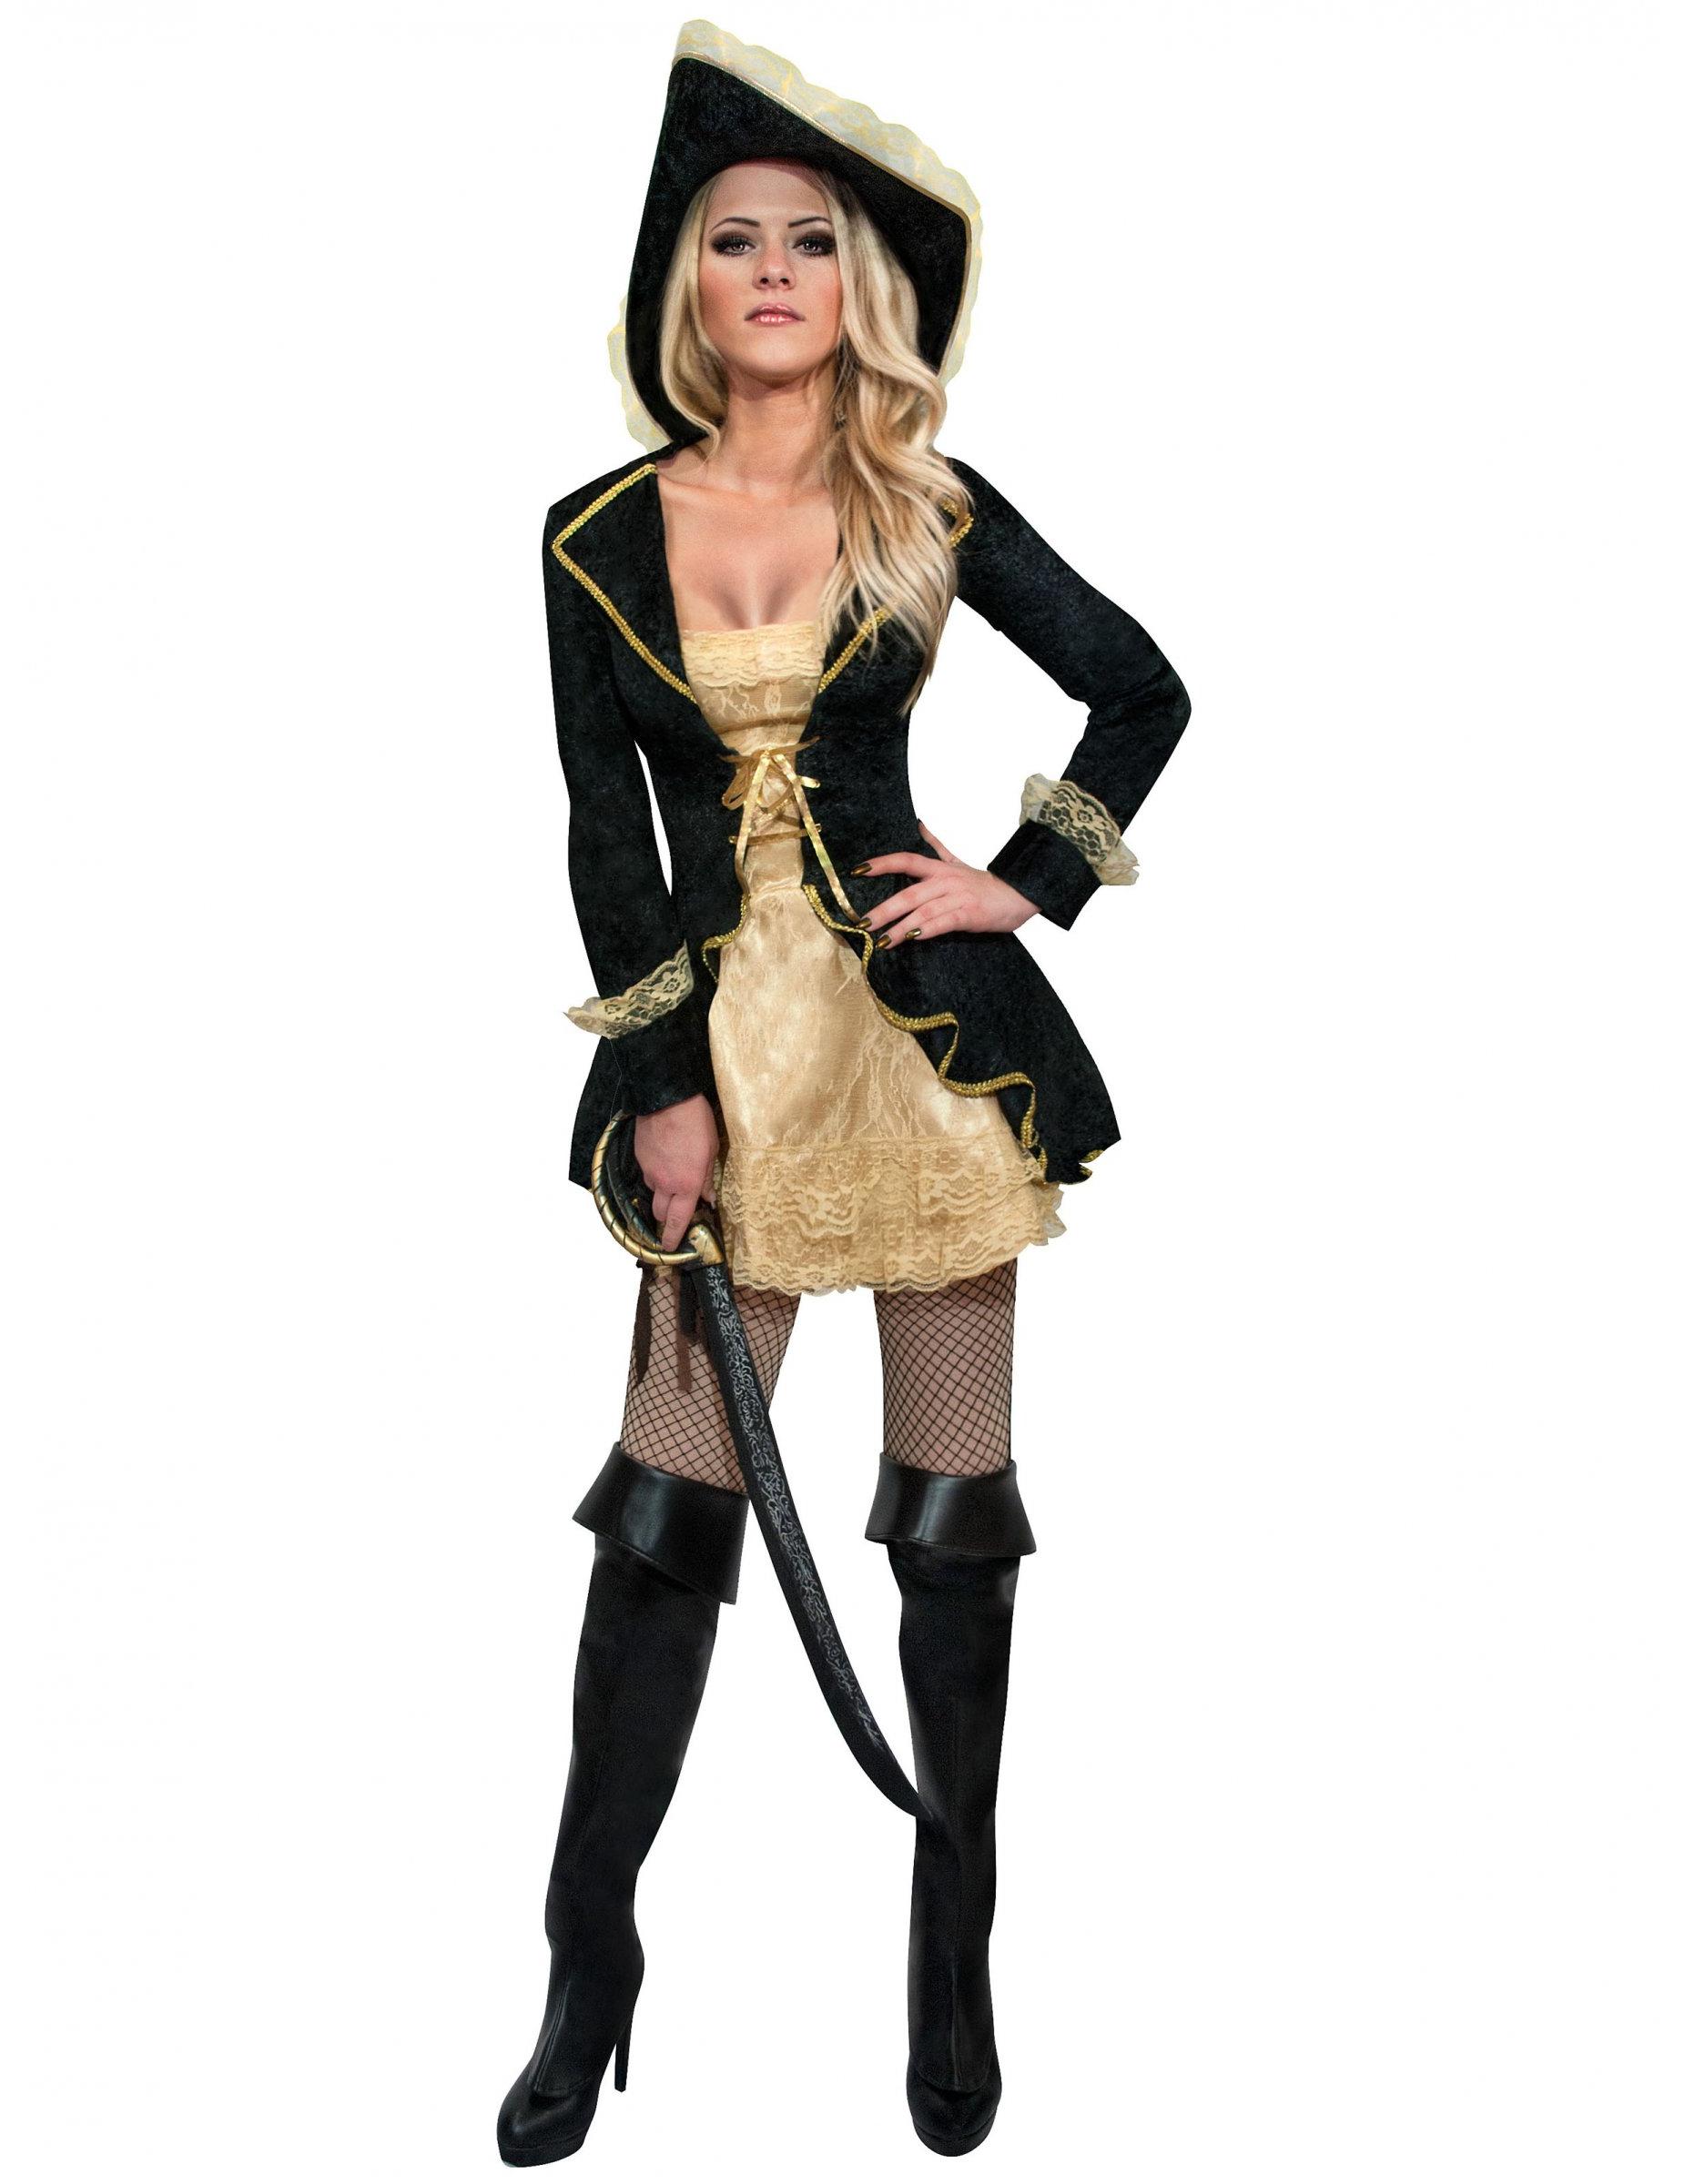 Renaissance Et Costumes FemmeVente Déguisements De Adultes 19ème ED2YHW9I